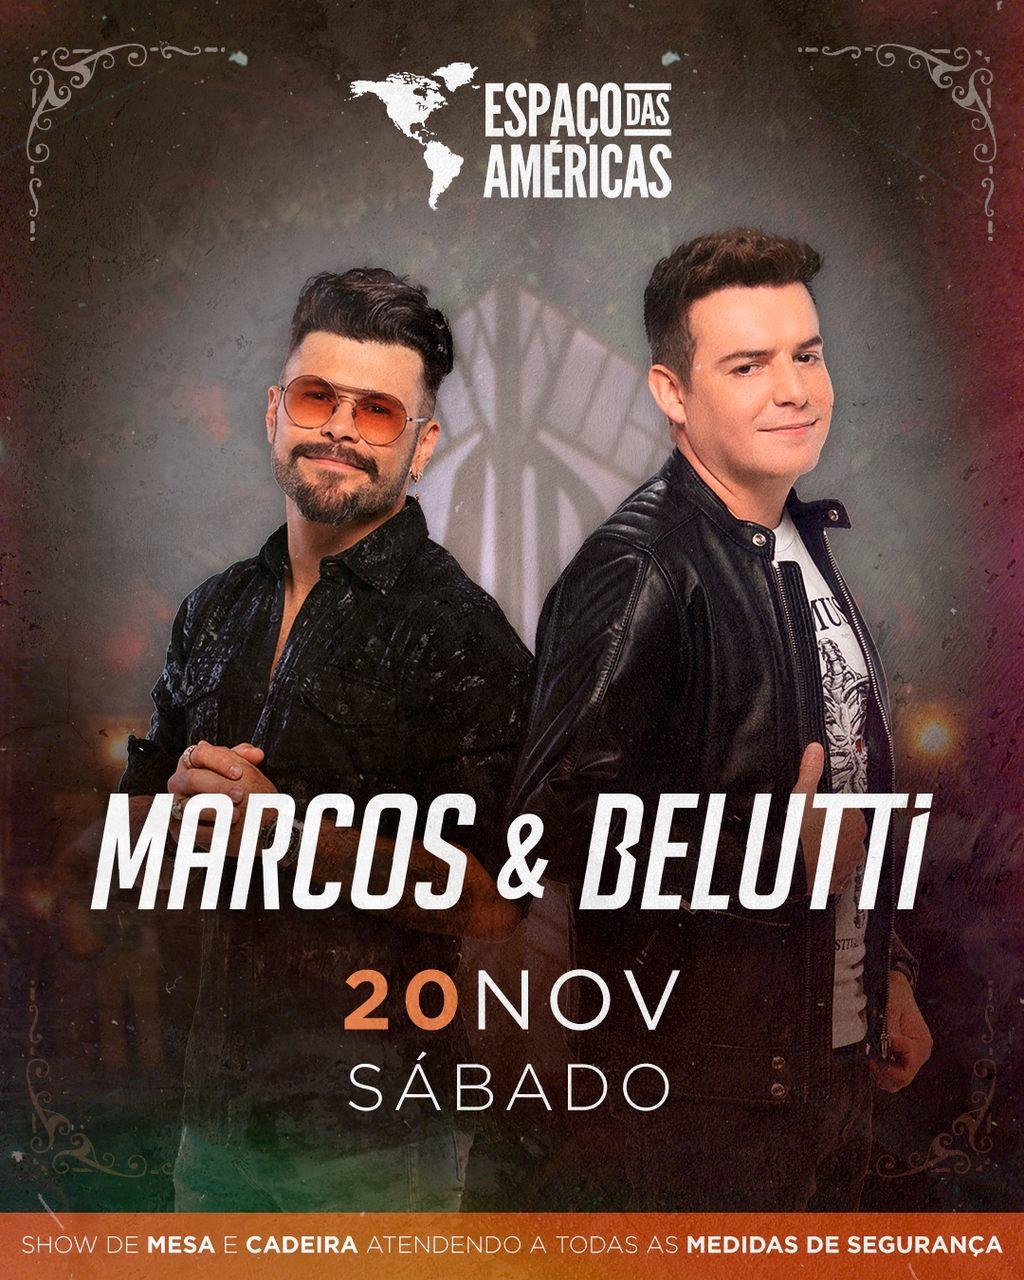 Marcos e Belutti apresentam grandes hits no Espaço das Américas 41